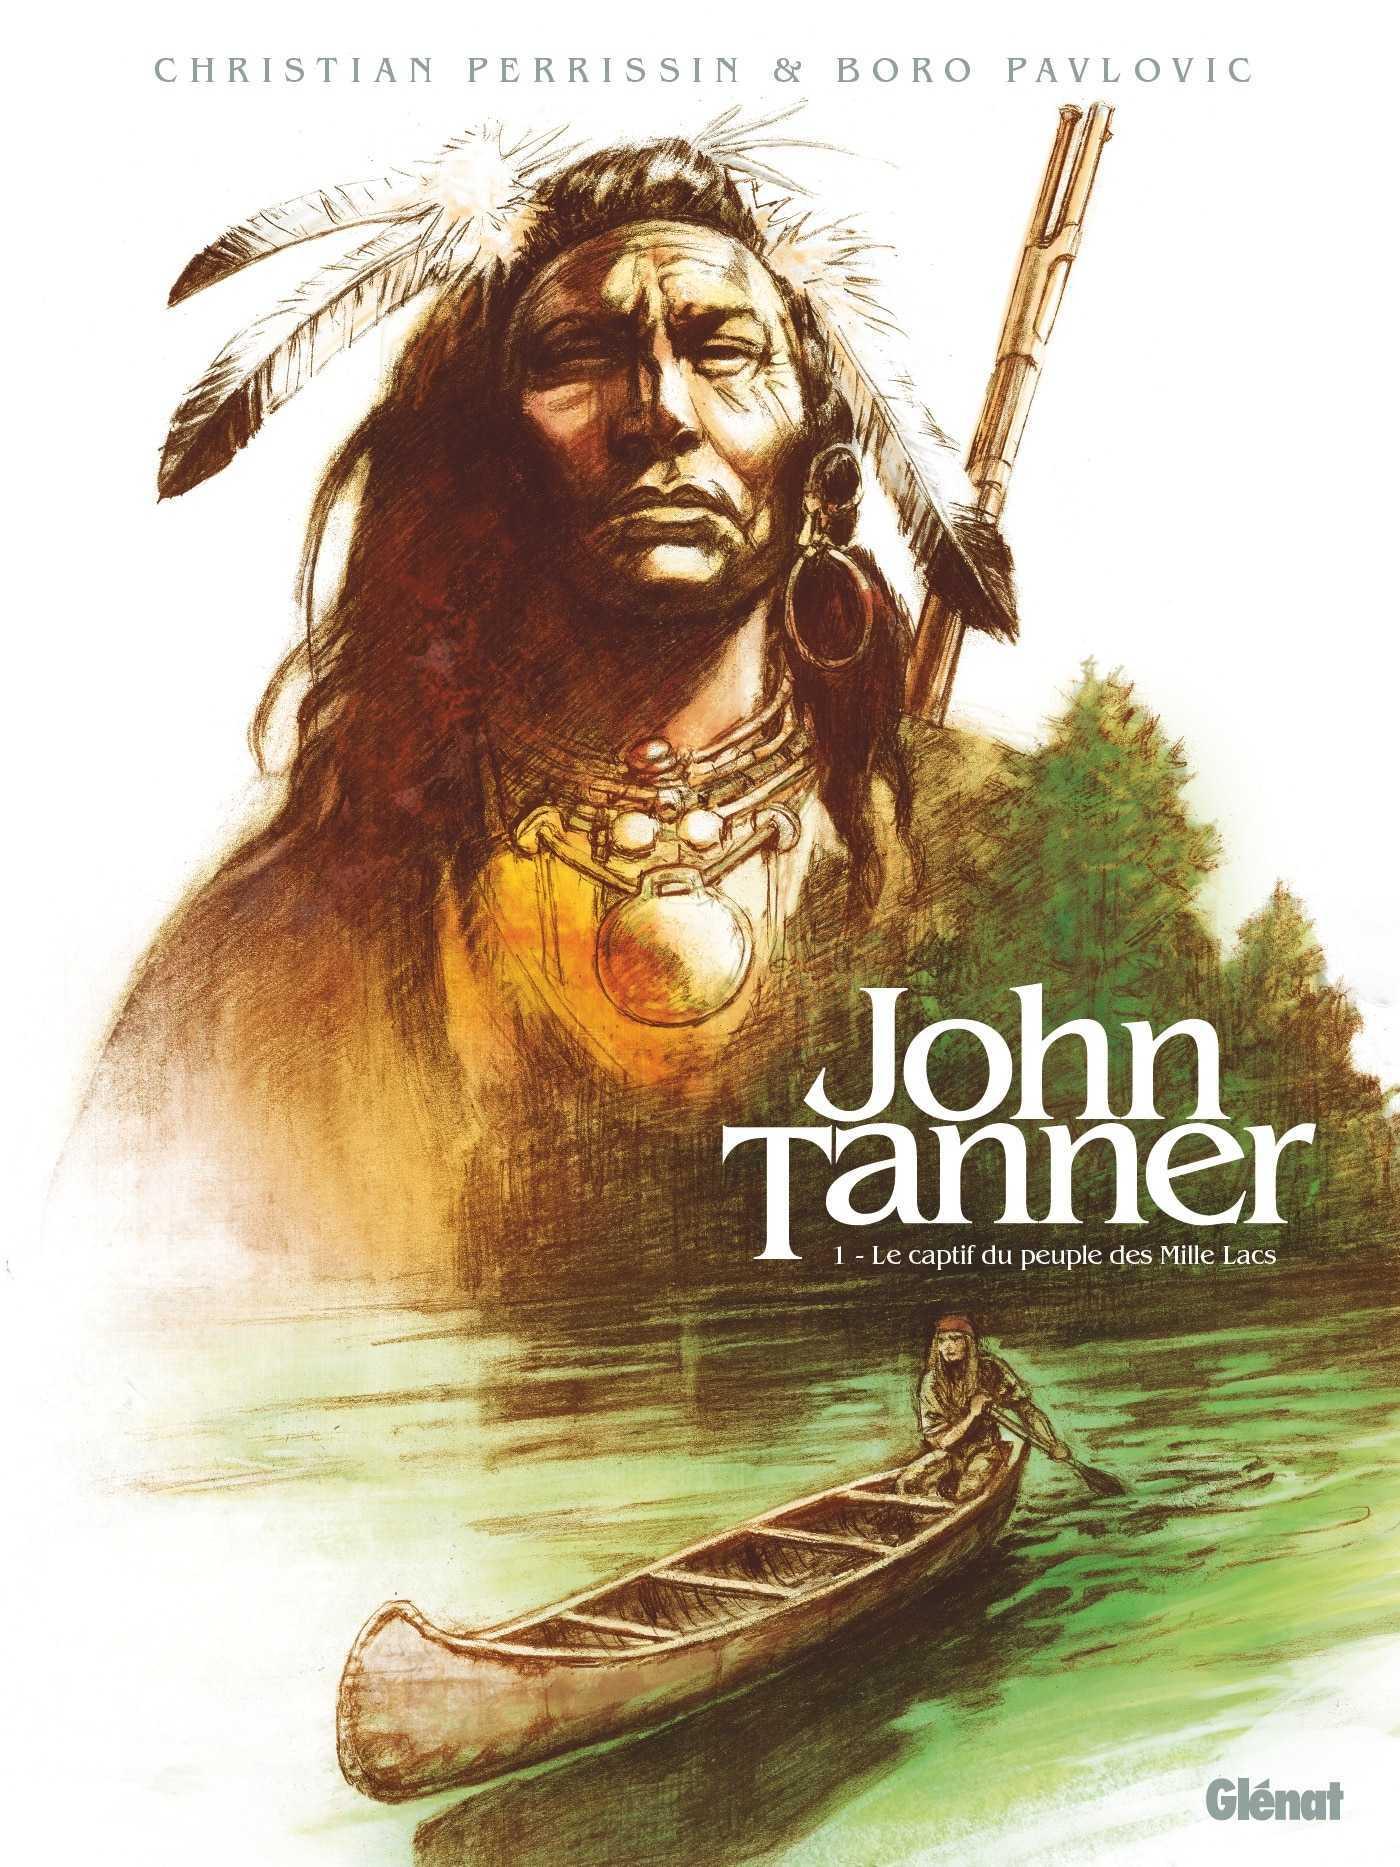 John Tanner, une éducation indienne